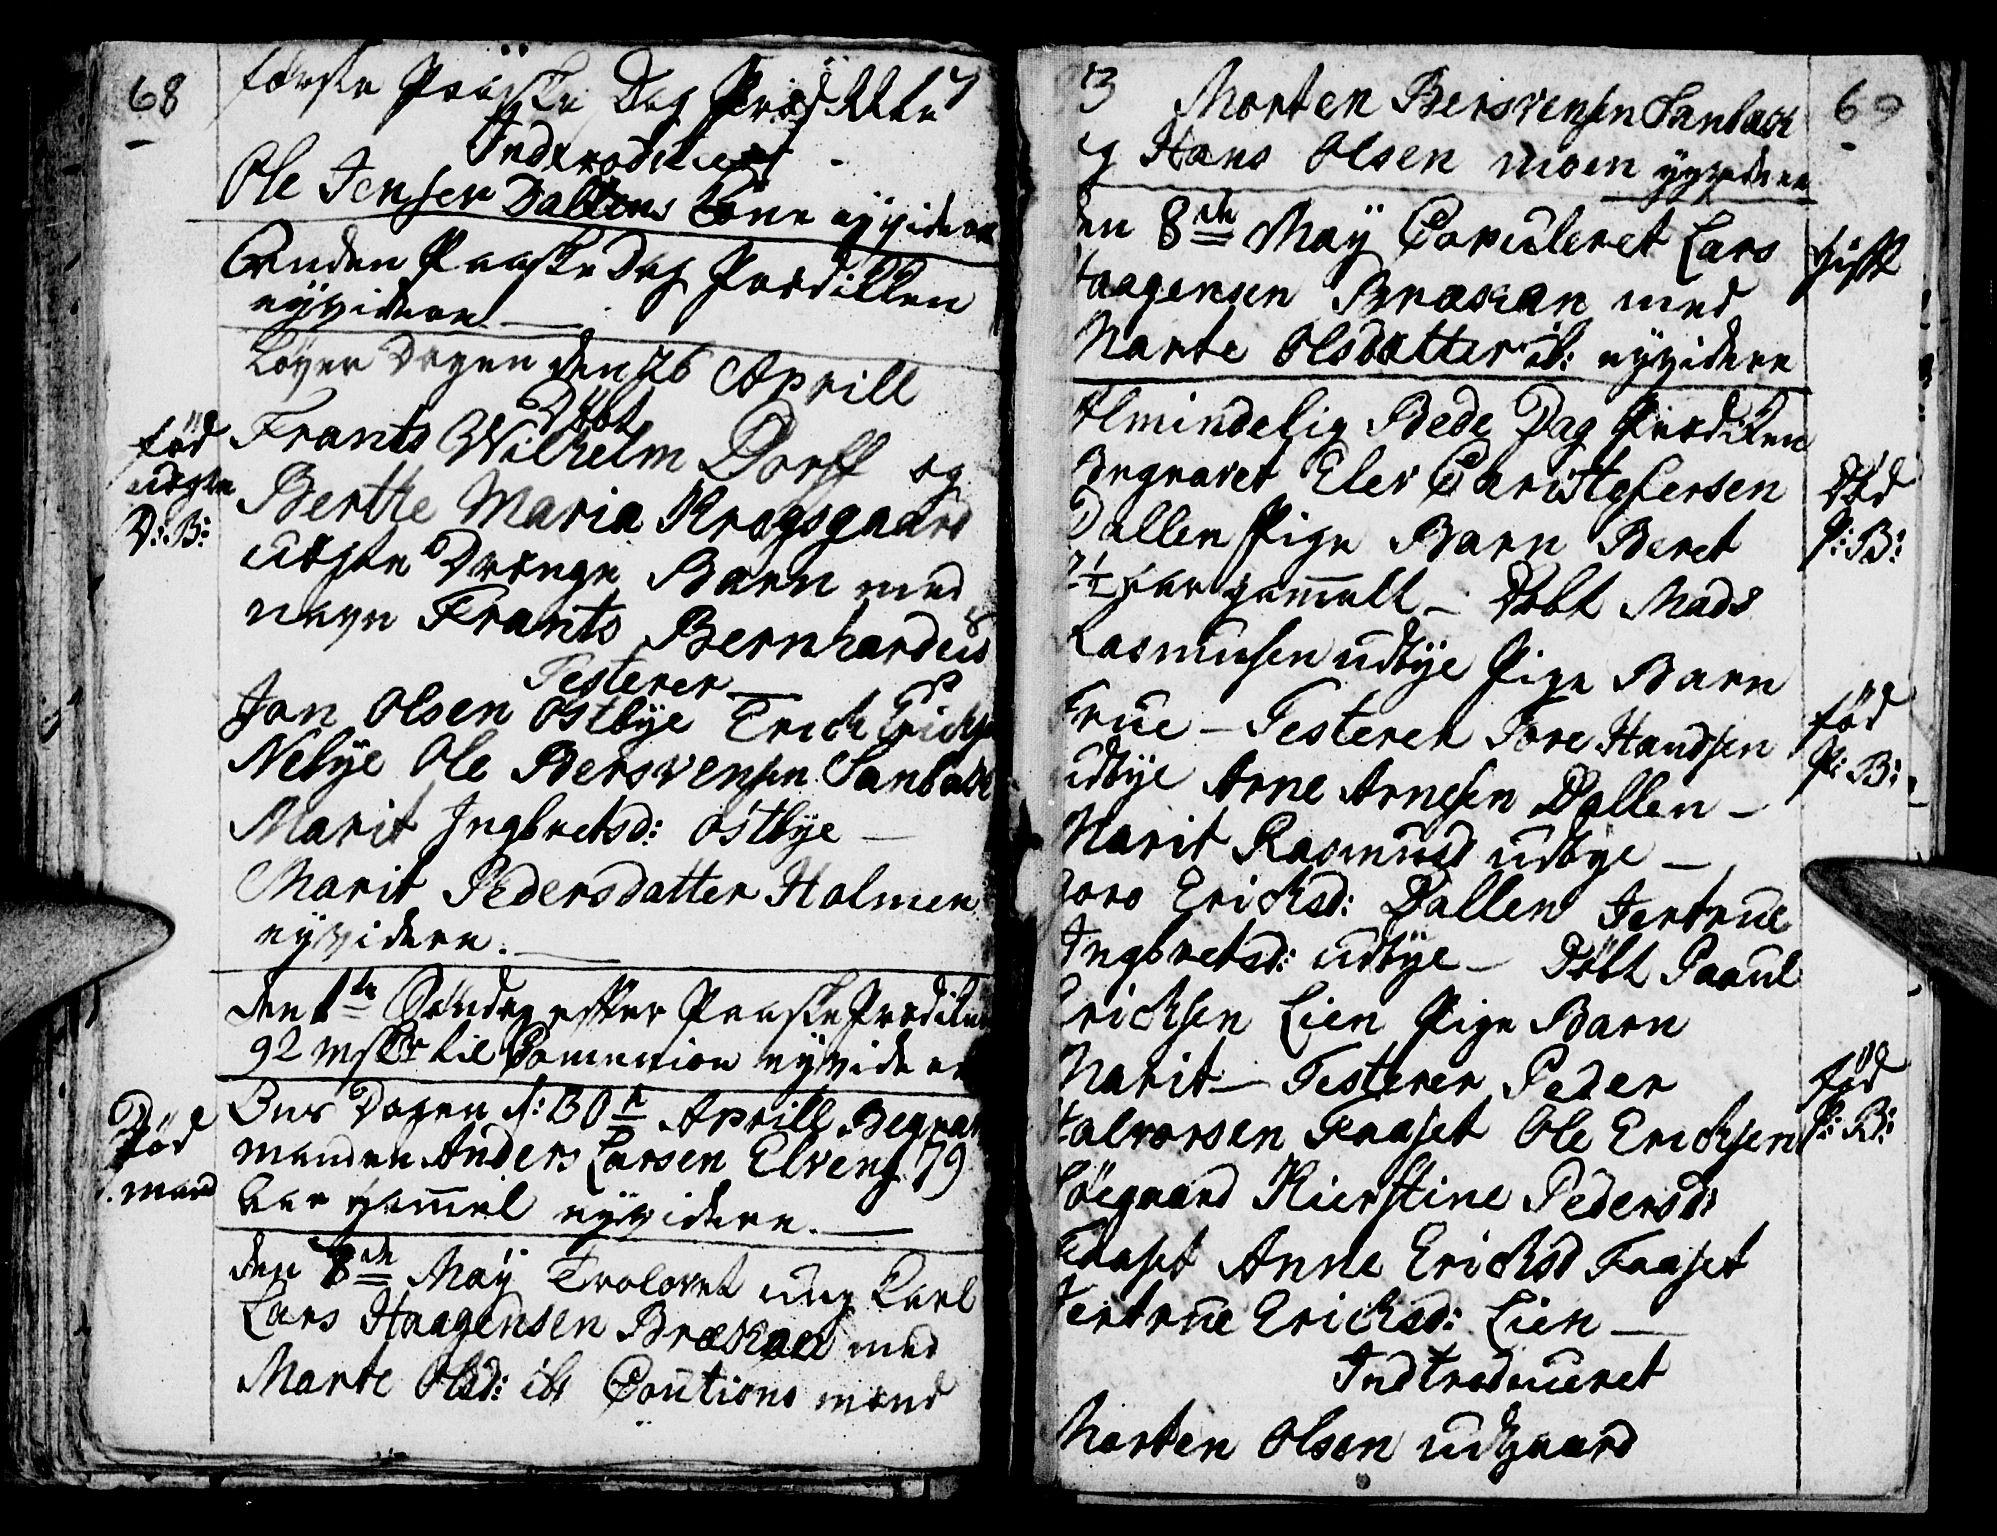 SAH, Tynset prestekontor, Parish register (official) no. 12, 1780-1784, p. 68-69